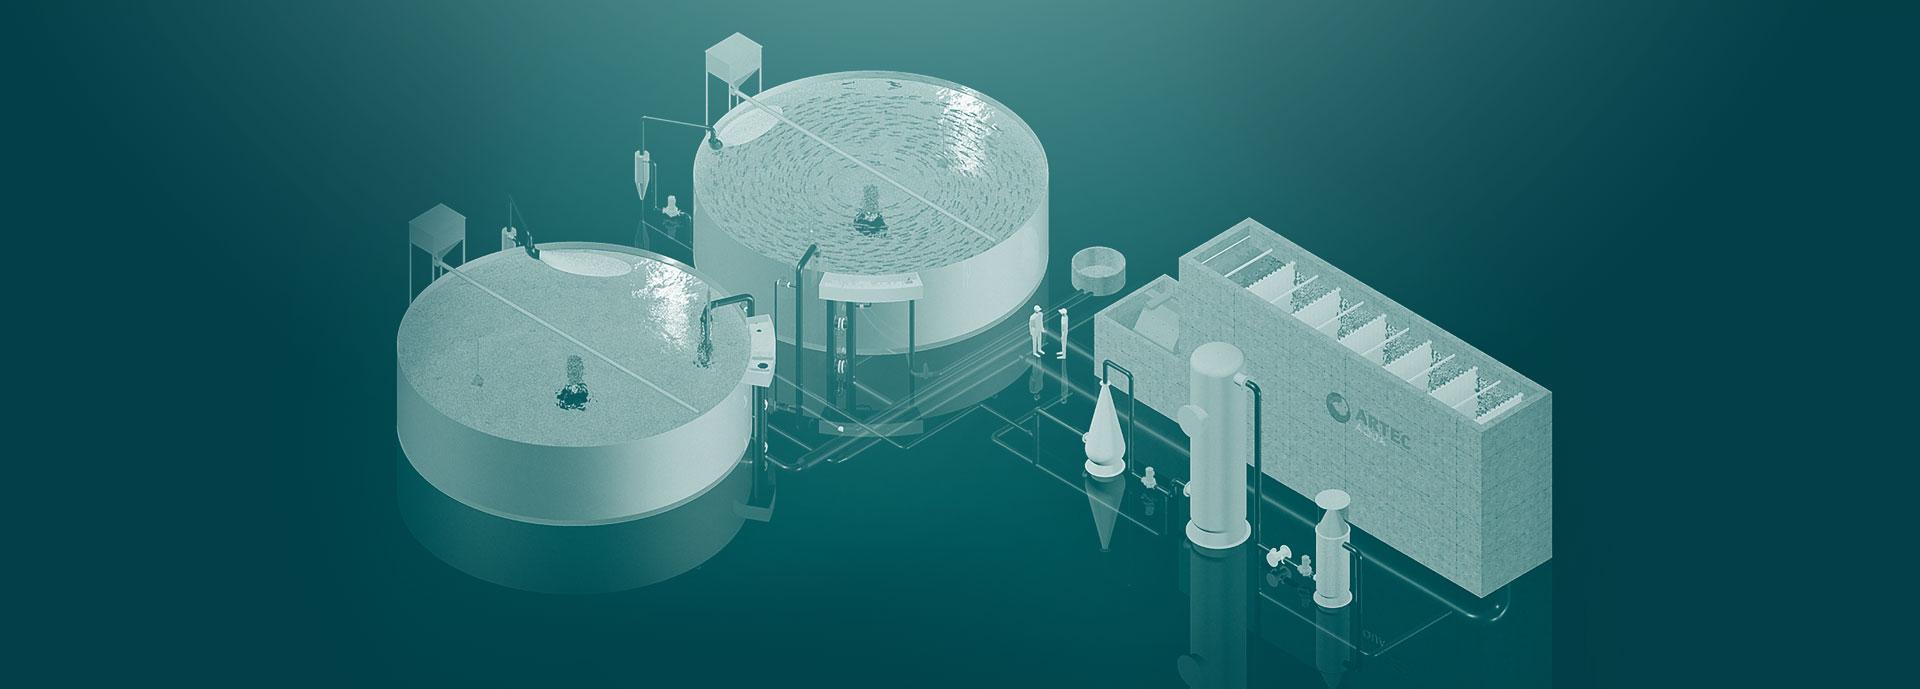 Systemløsninger - Artec Aqua leverer skreddersydde systemløsninger for gjennomstrømnings- gjenbruks- og resirkuleringsanlegg.